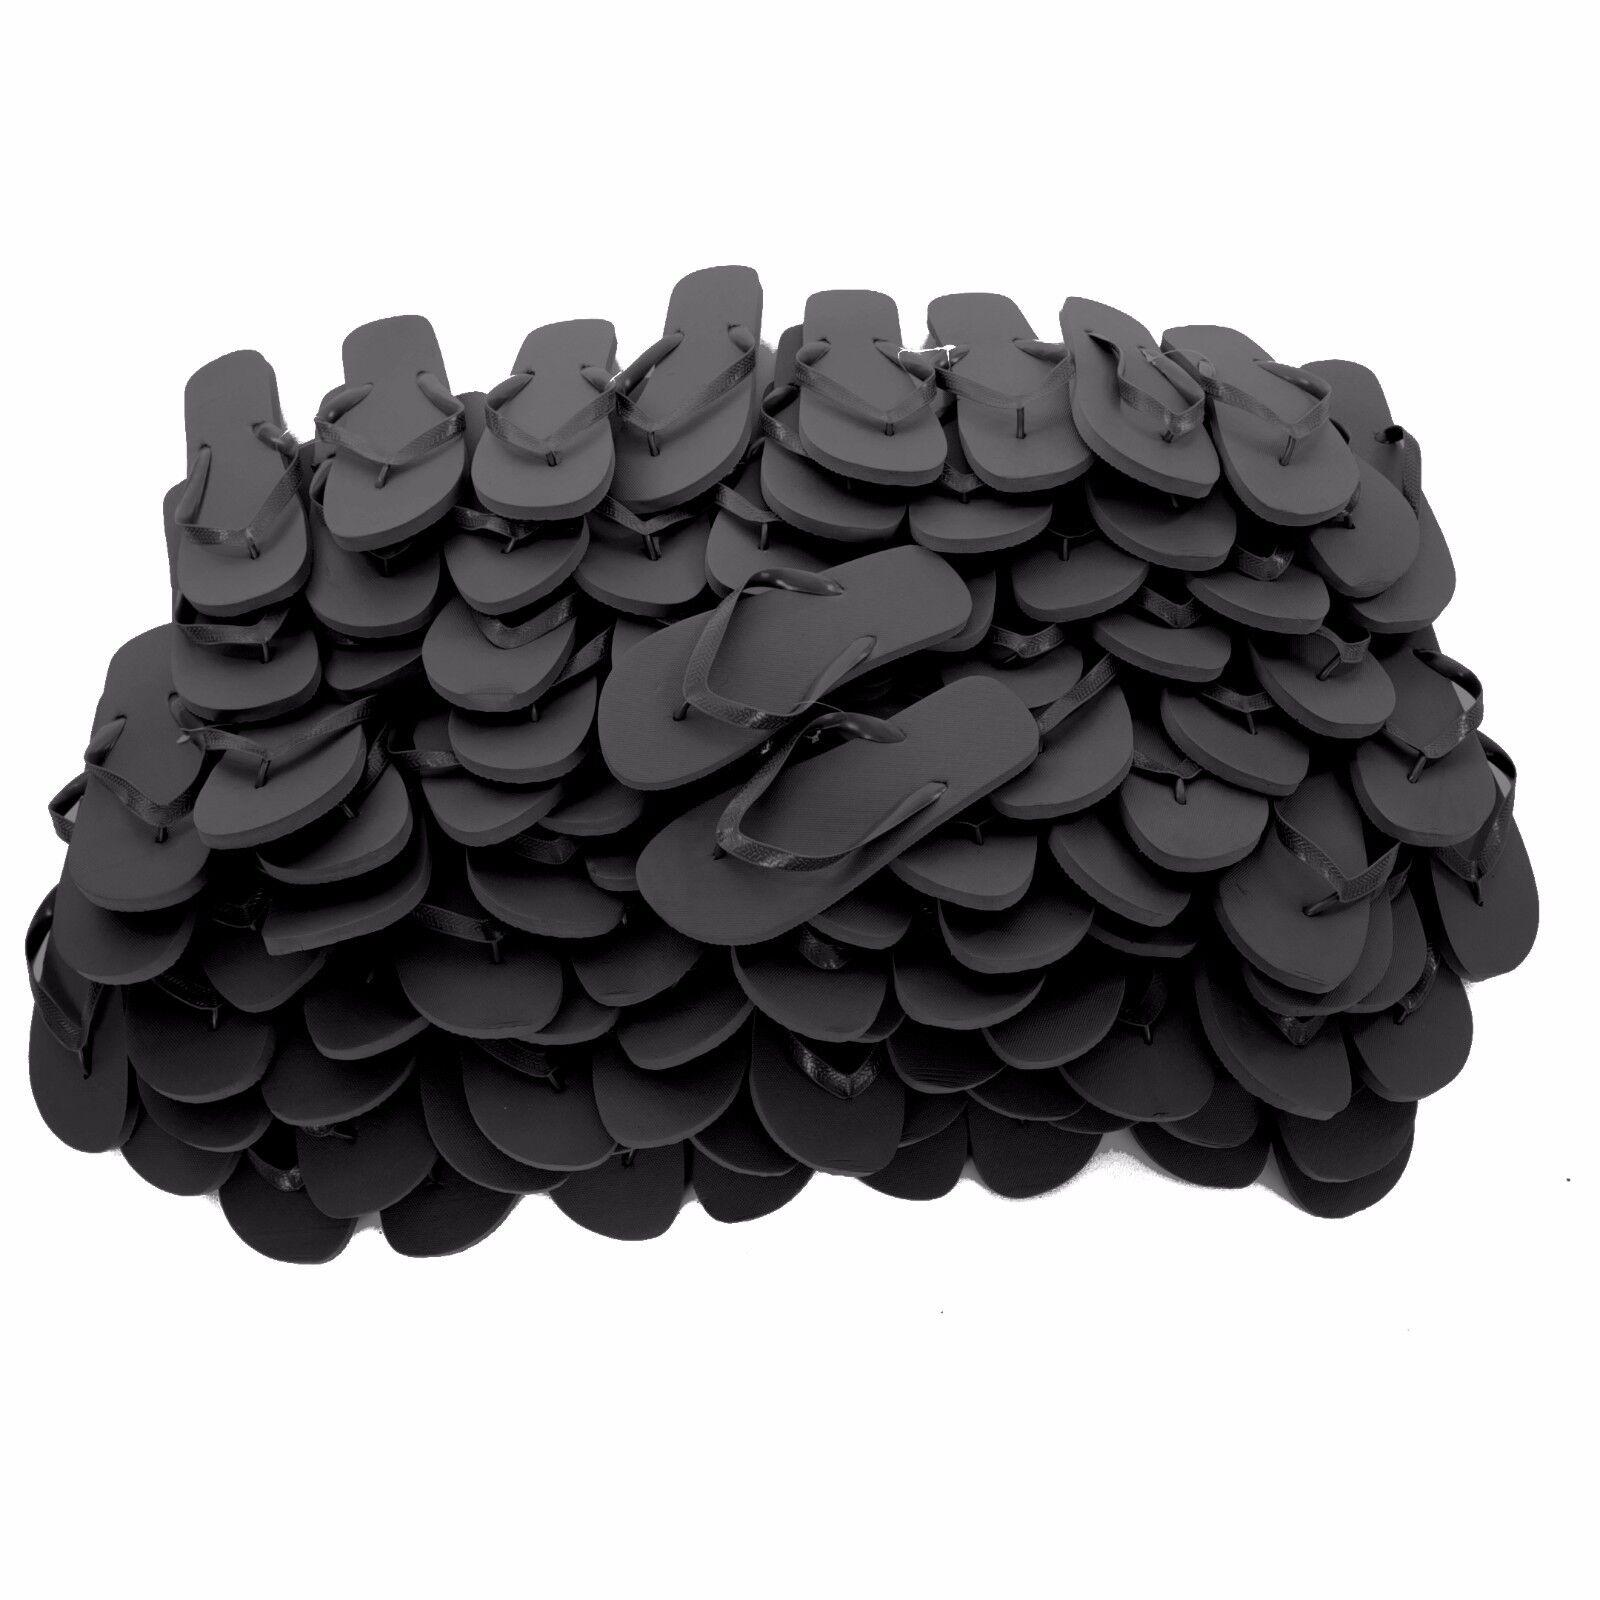 Chanclas Zohula Negro-COMPRAR A GRANEL 10 - 100 pares de sólo .35 por Par + Lote